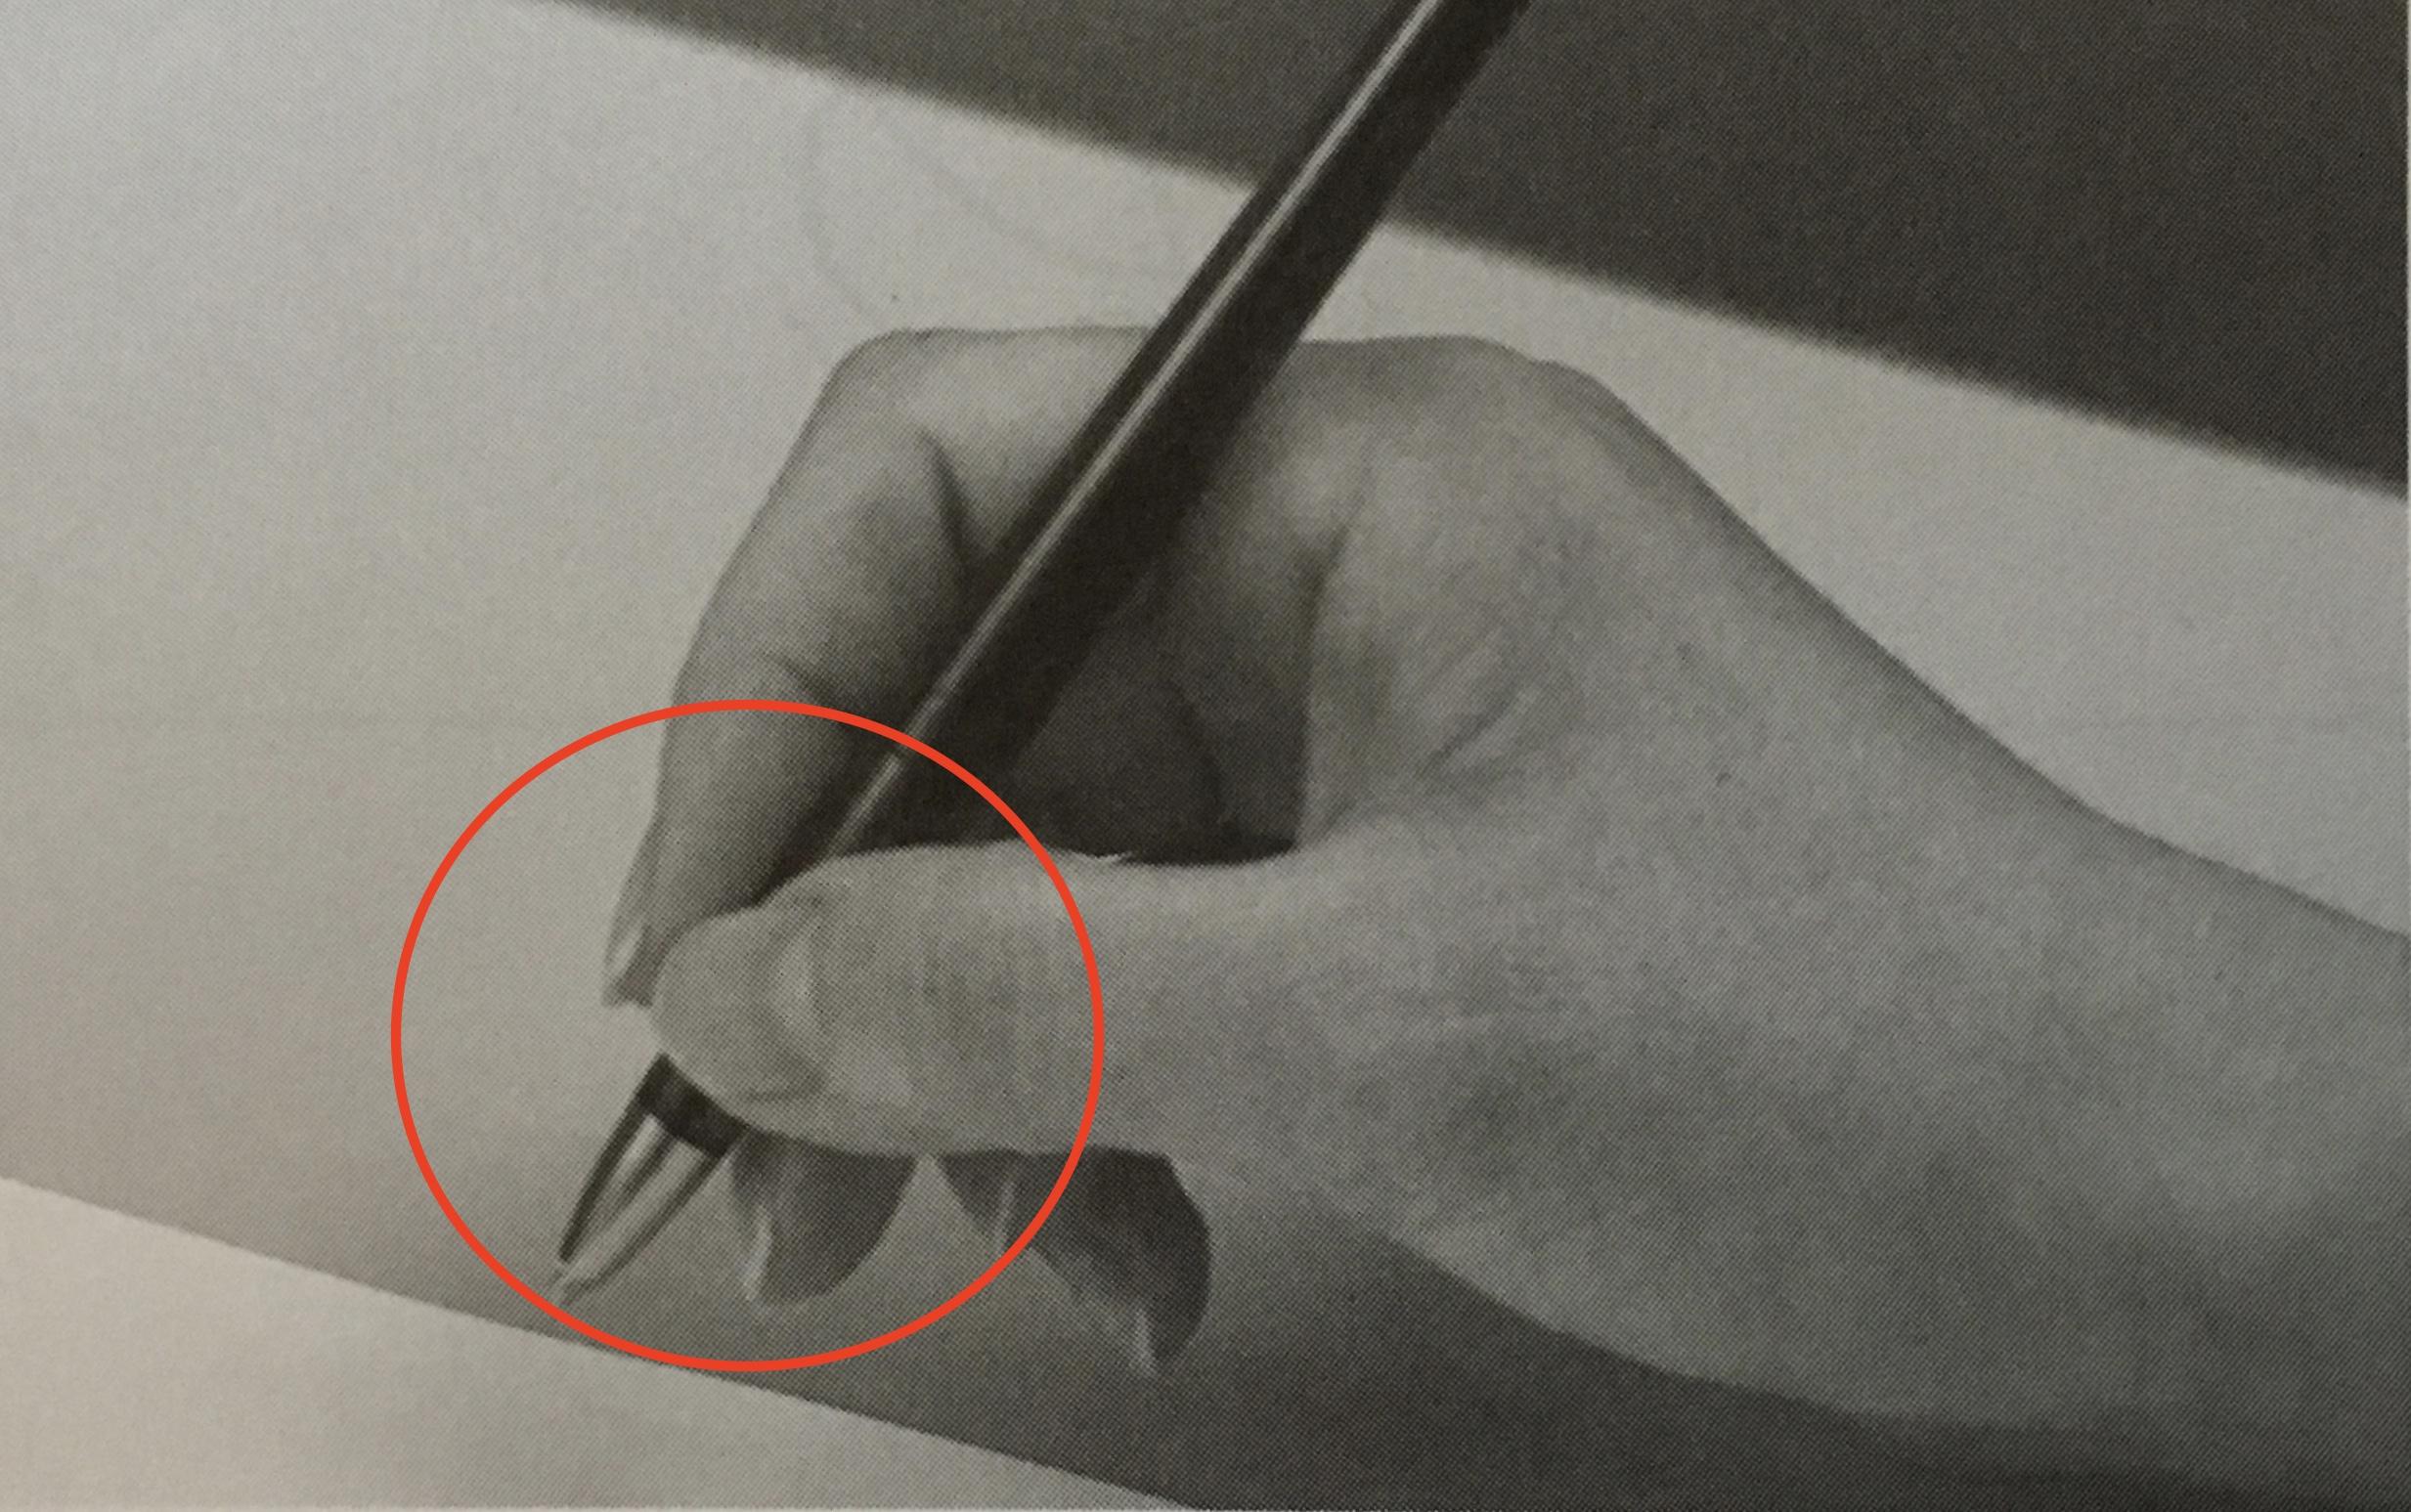 ペンの持ち方(指の配置)